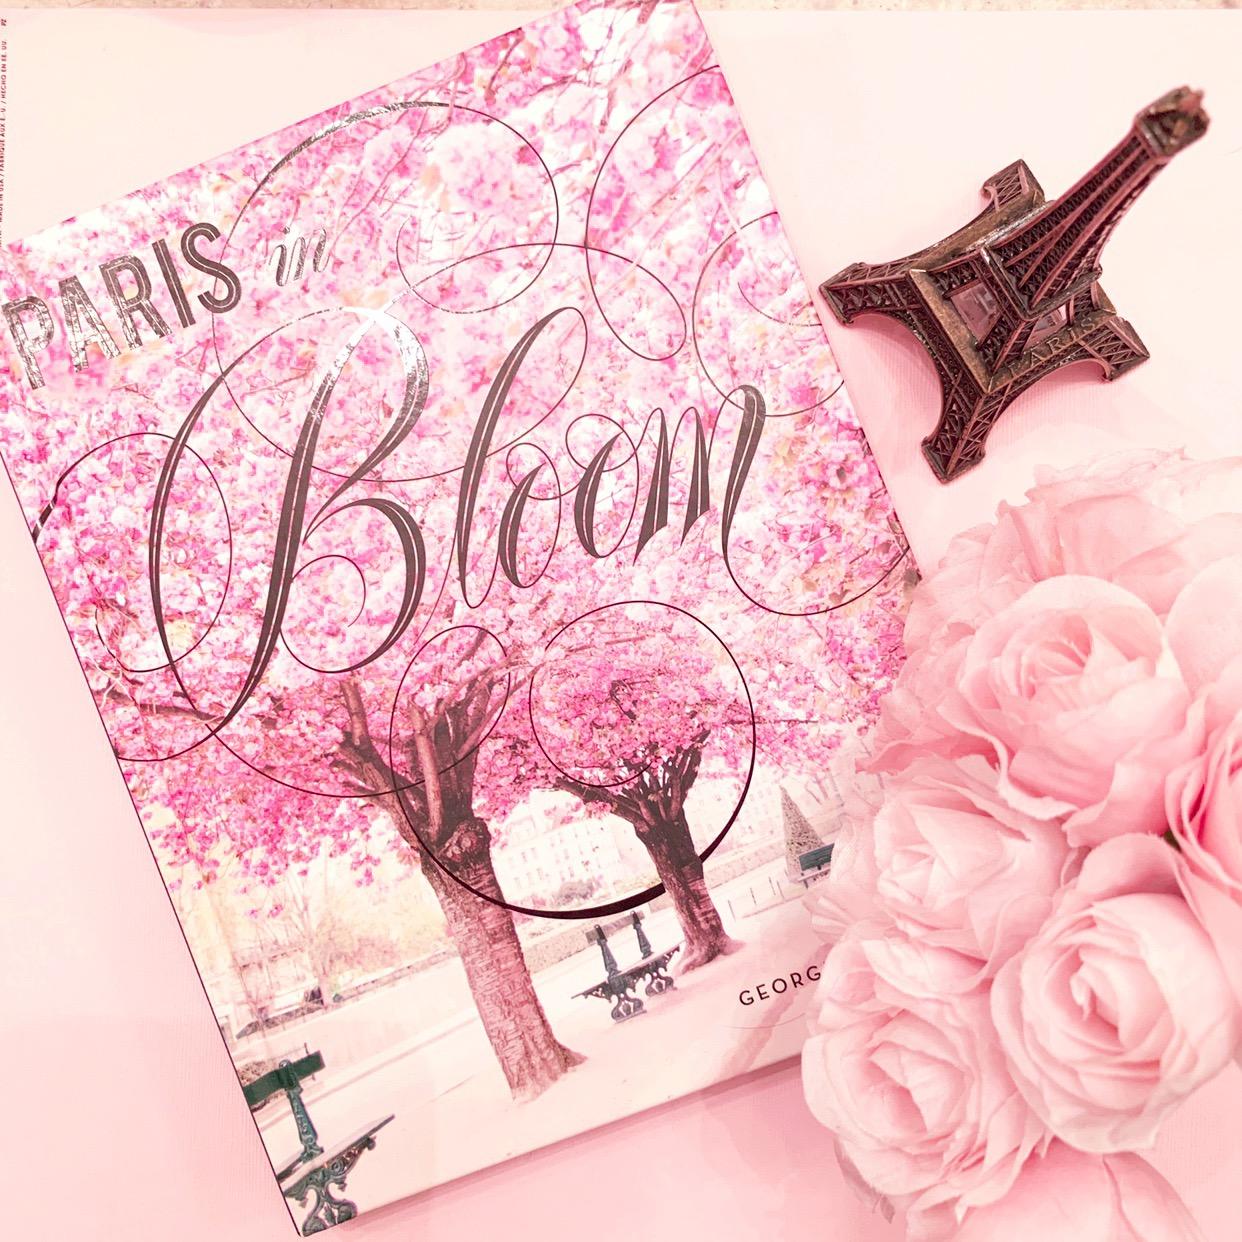 paris in bloom, paris, paris france, francophile, all pink everything, pink paris paris love, paris book, french book